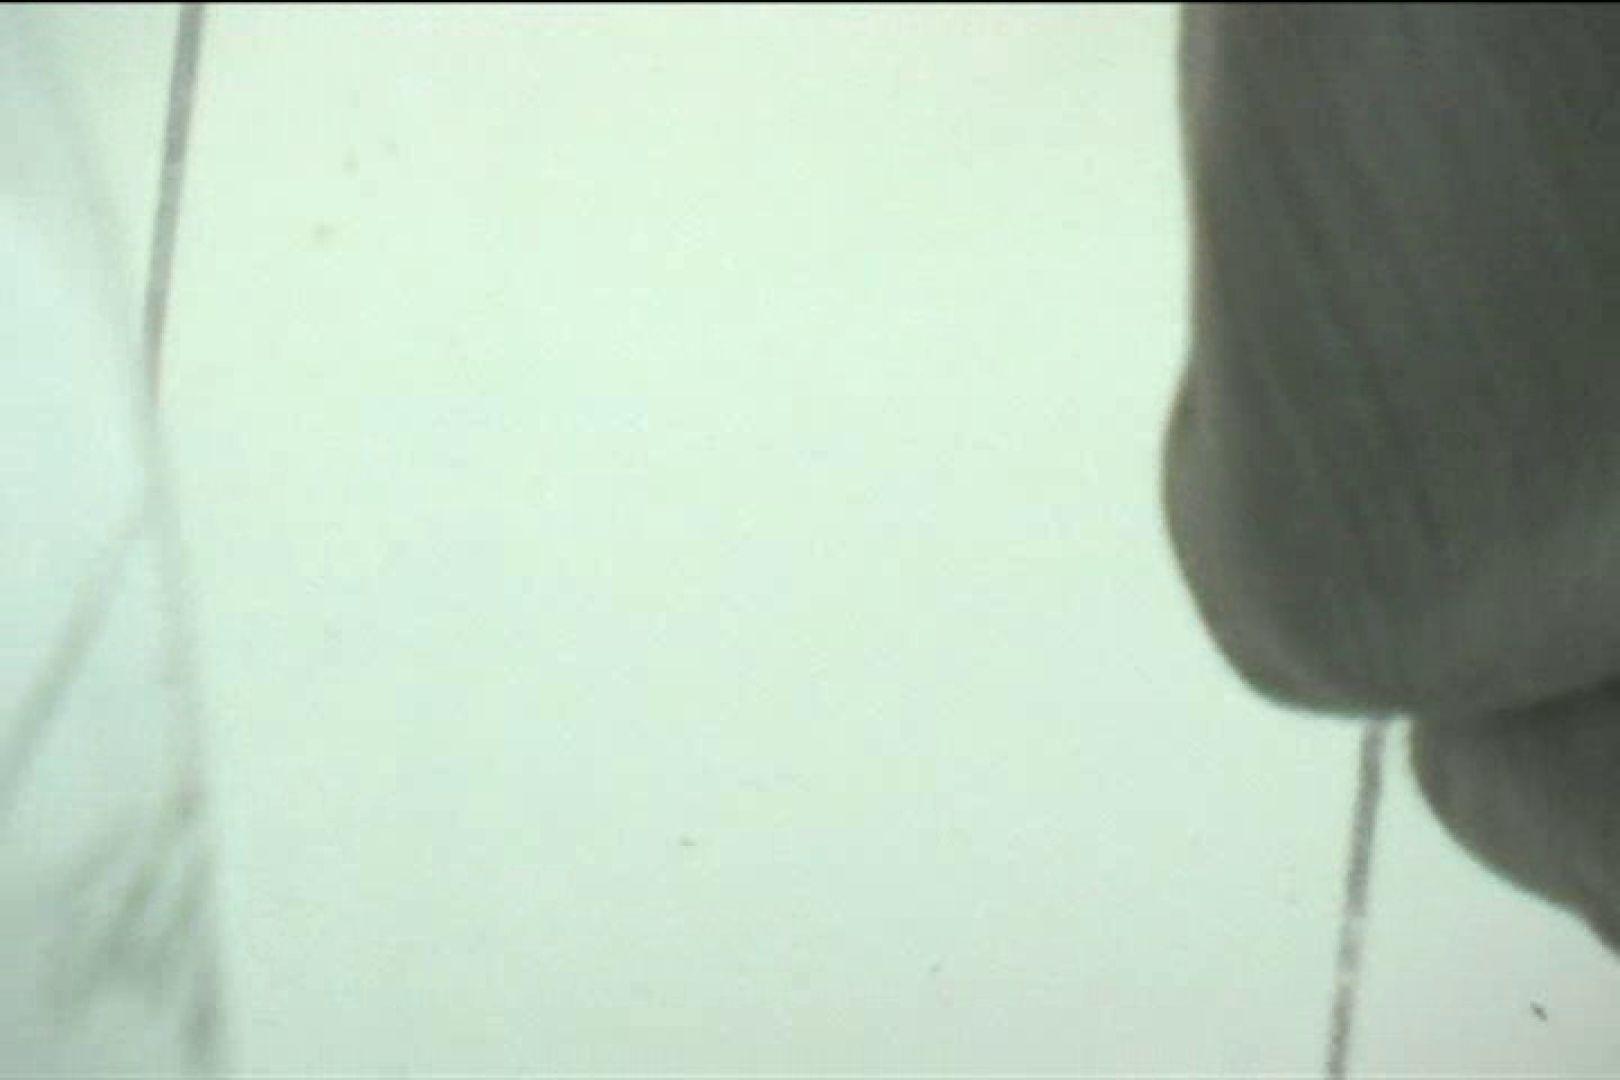 マンコ丸見え女子洗面所Vol.58 マンコ無修正 隠し撮りAV無料 70画像 32